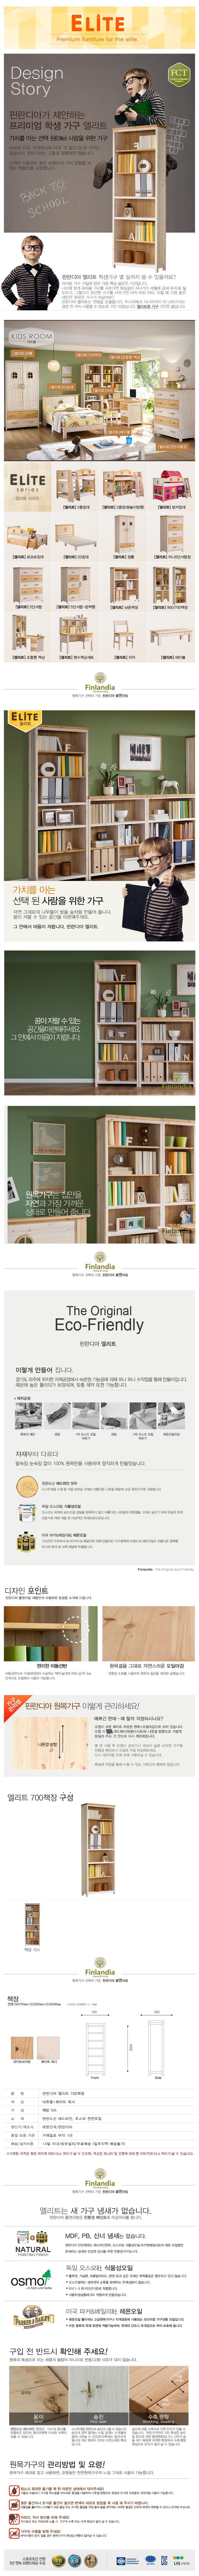 bookshelf700.jpg